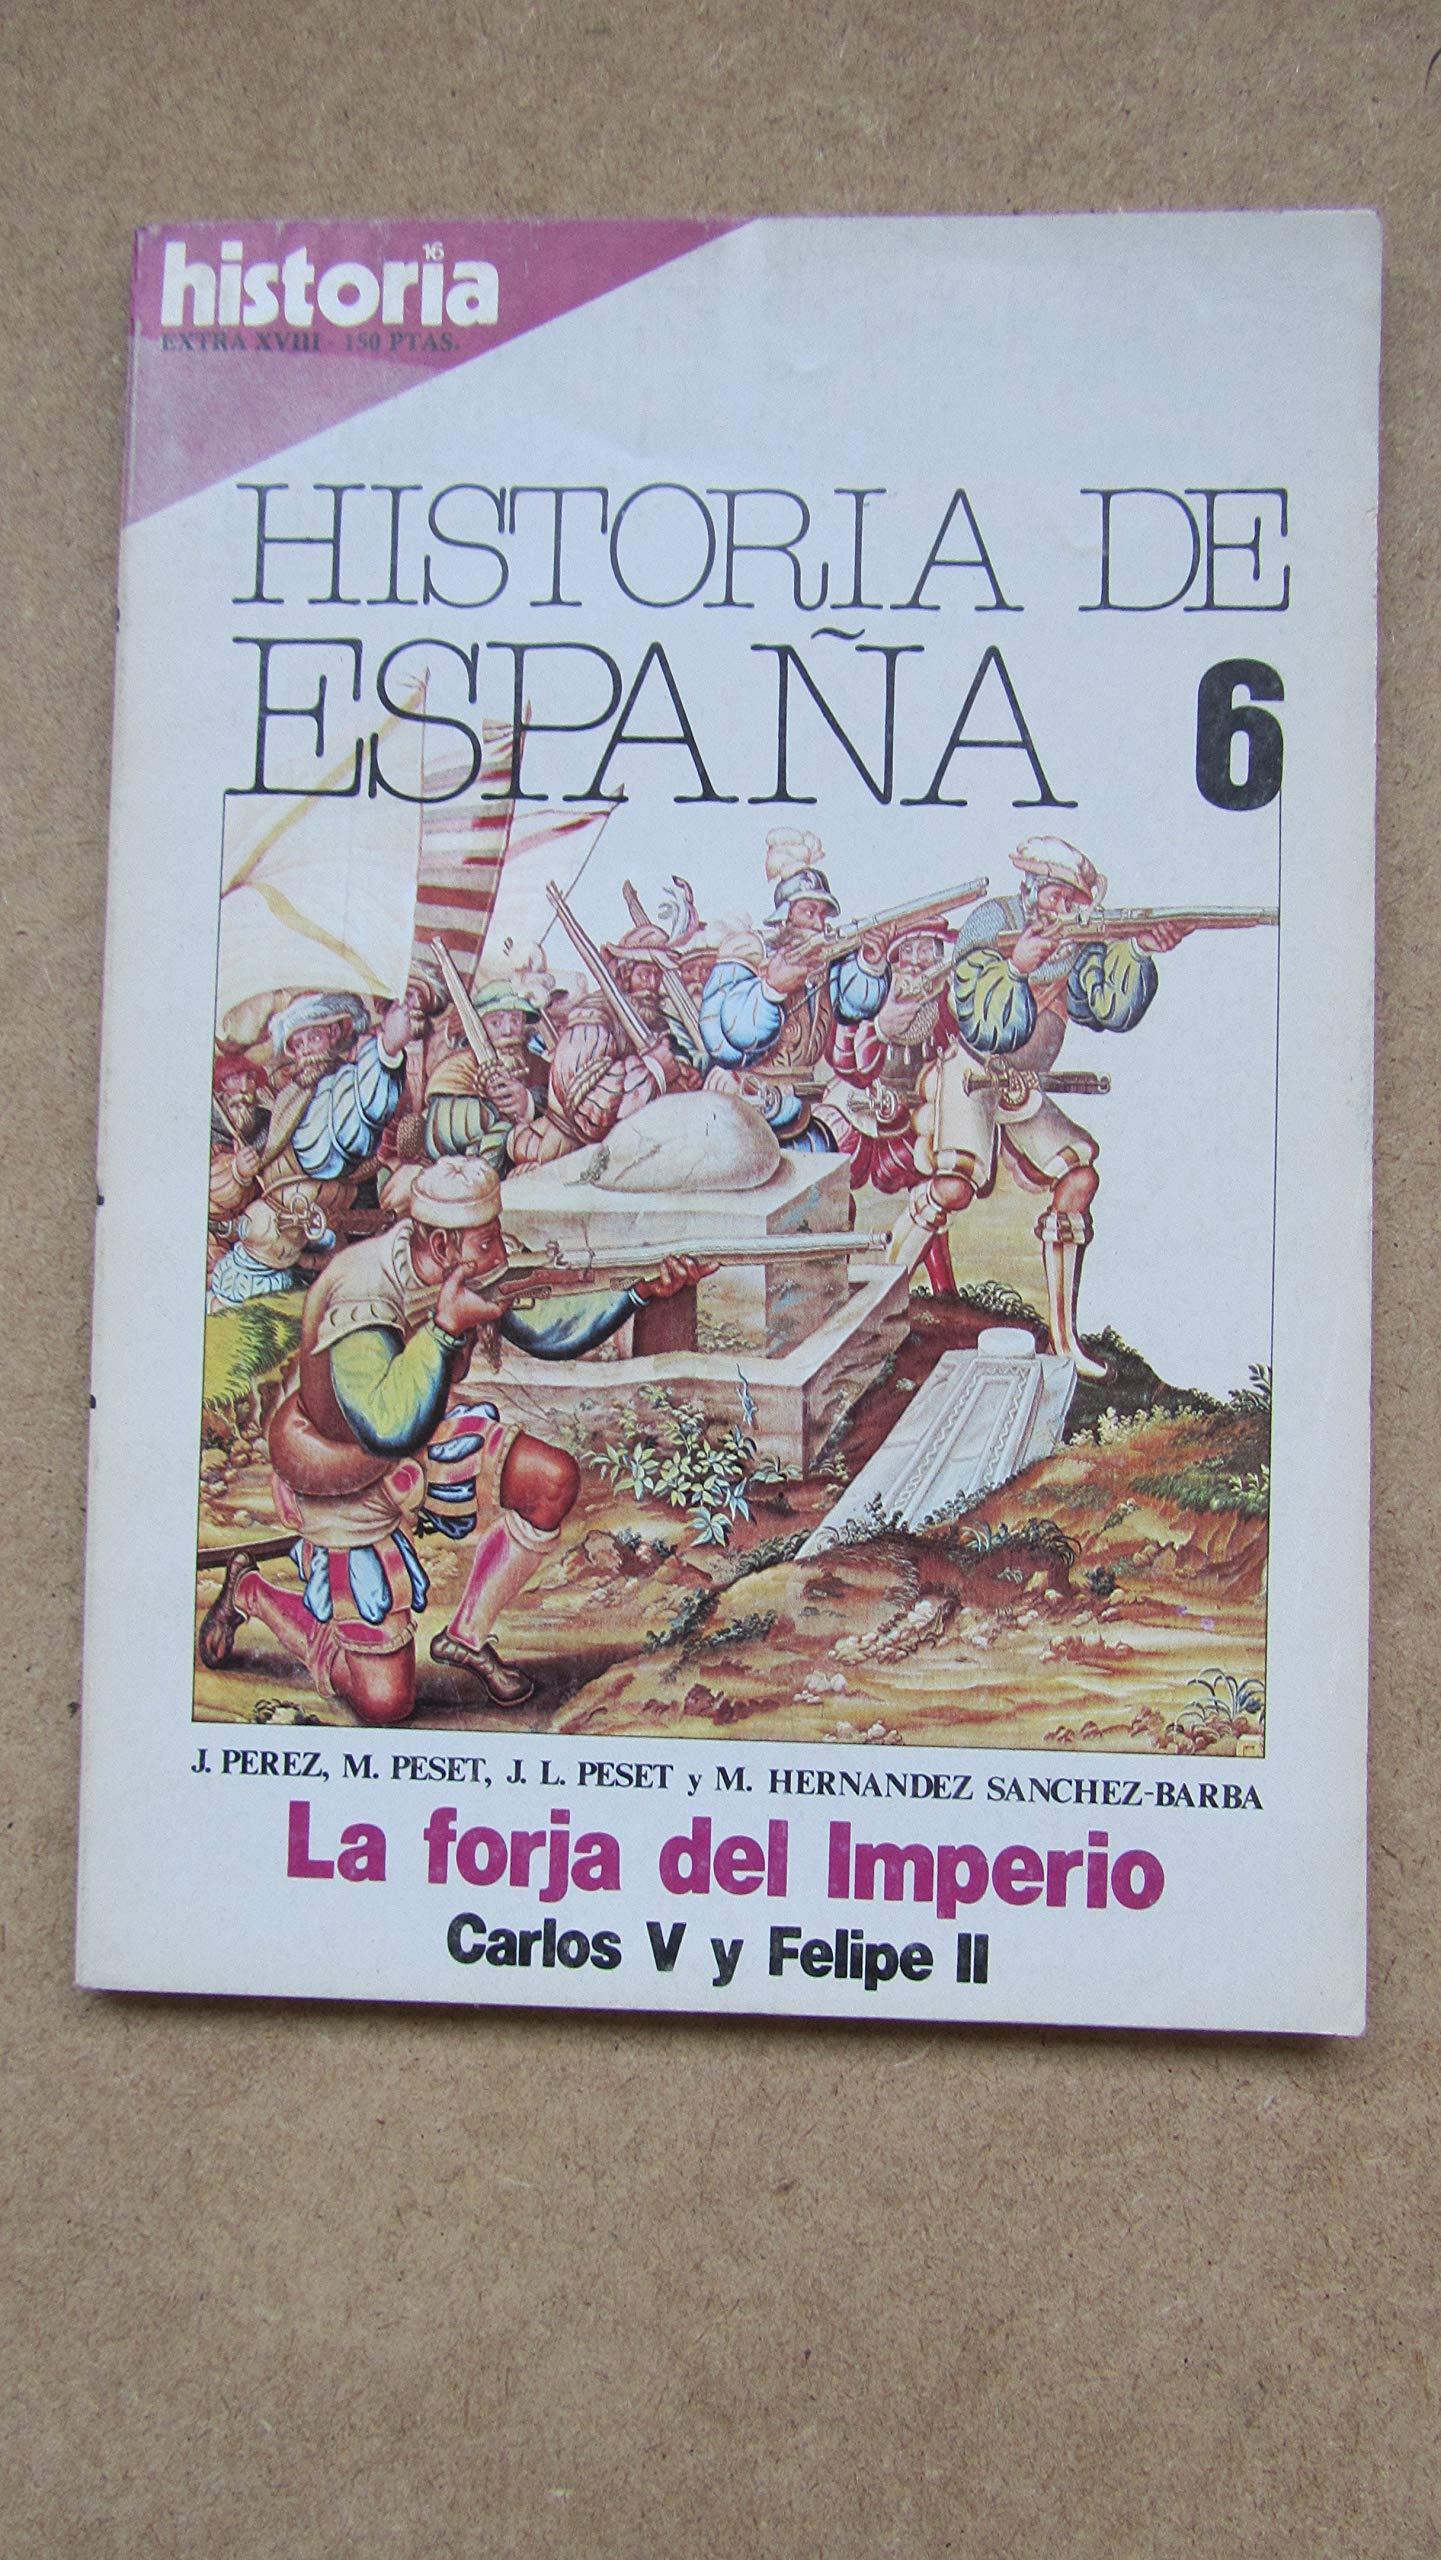 HISTORIA DE ESPAÑA 6. La forja del Imperio. Carlos V y Felipe II ...